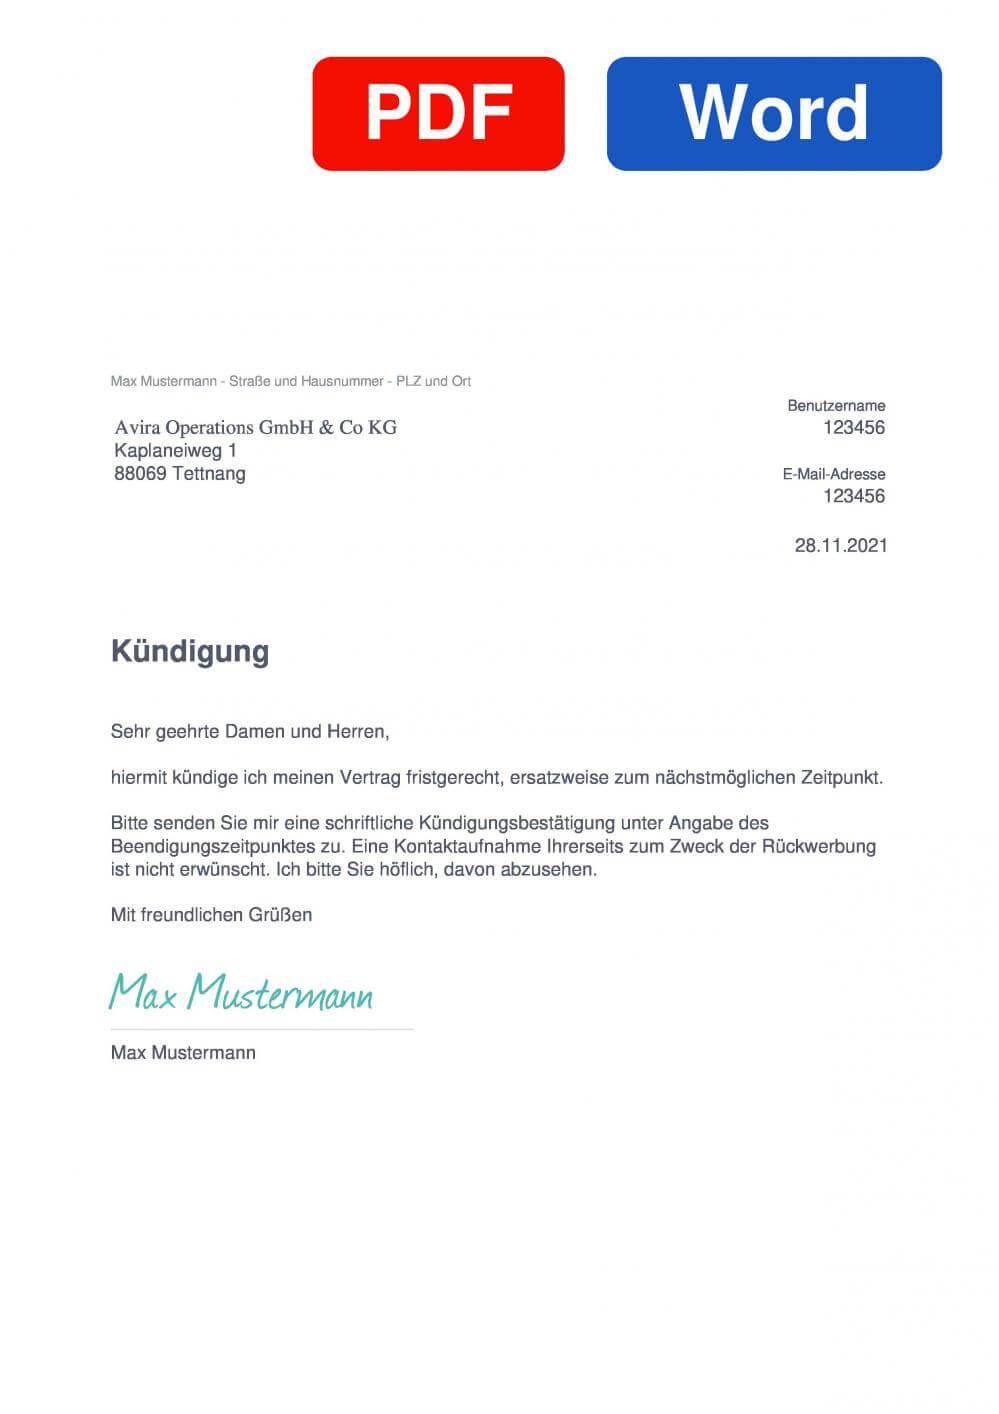 Avira Muster Vorlage für Kündigungsschreiben